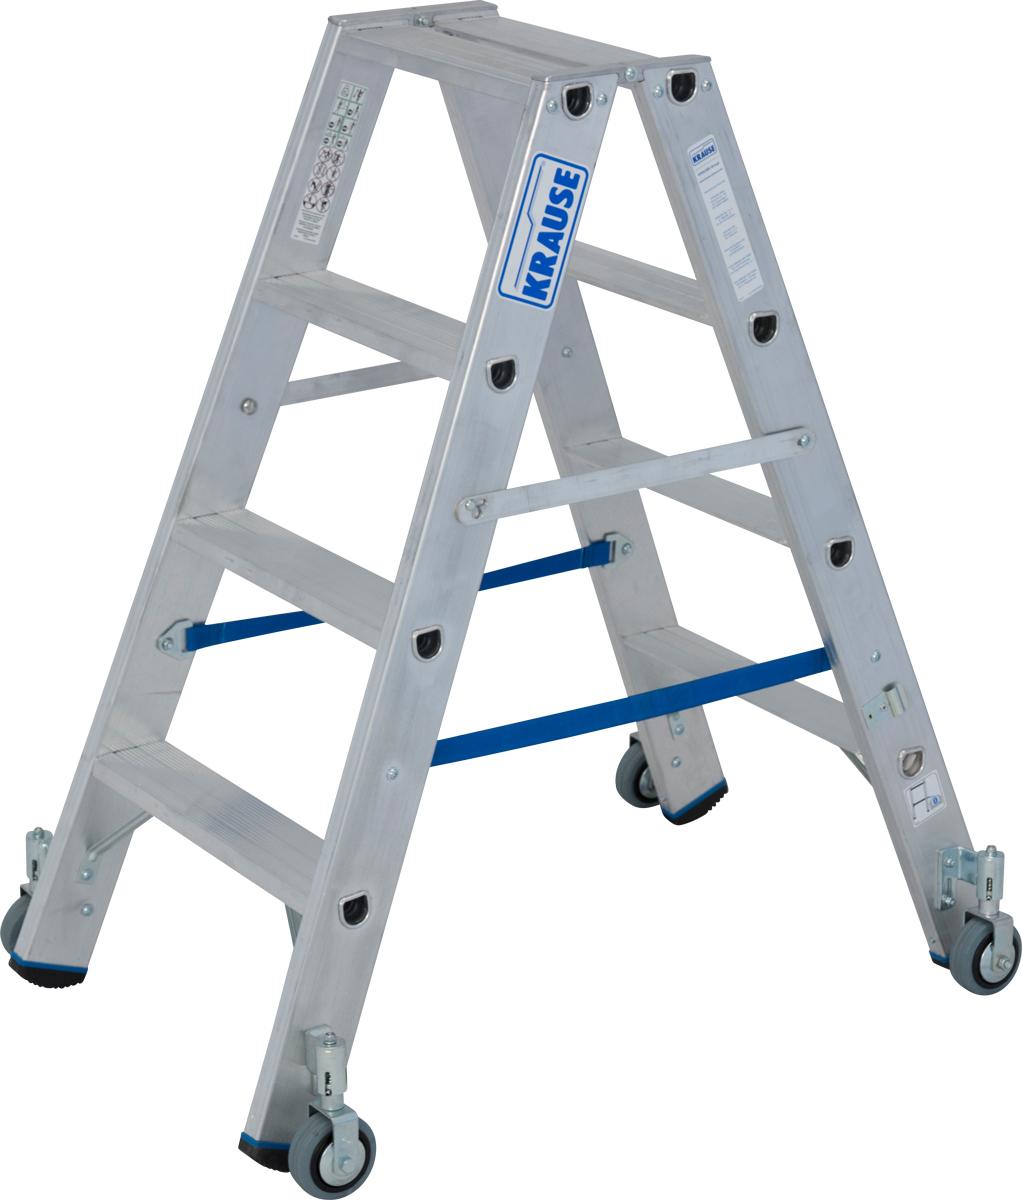 Krause Alu-Stufendoppelleiter fahrbar 2x4 Stufen